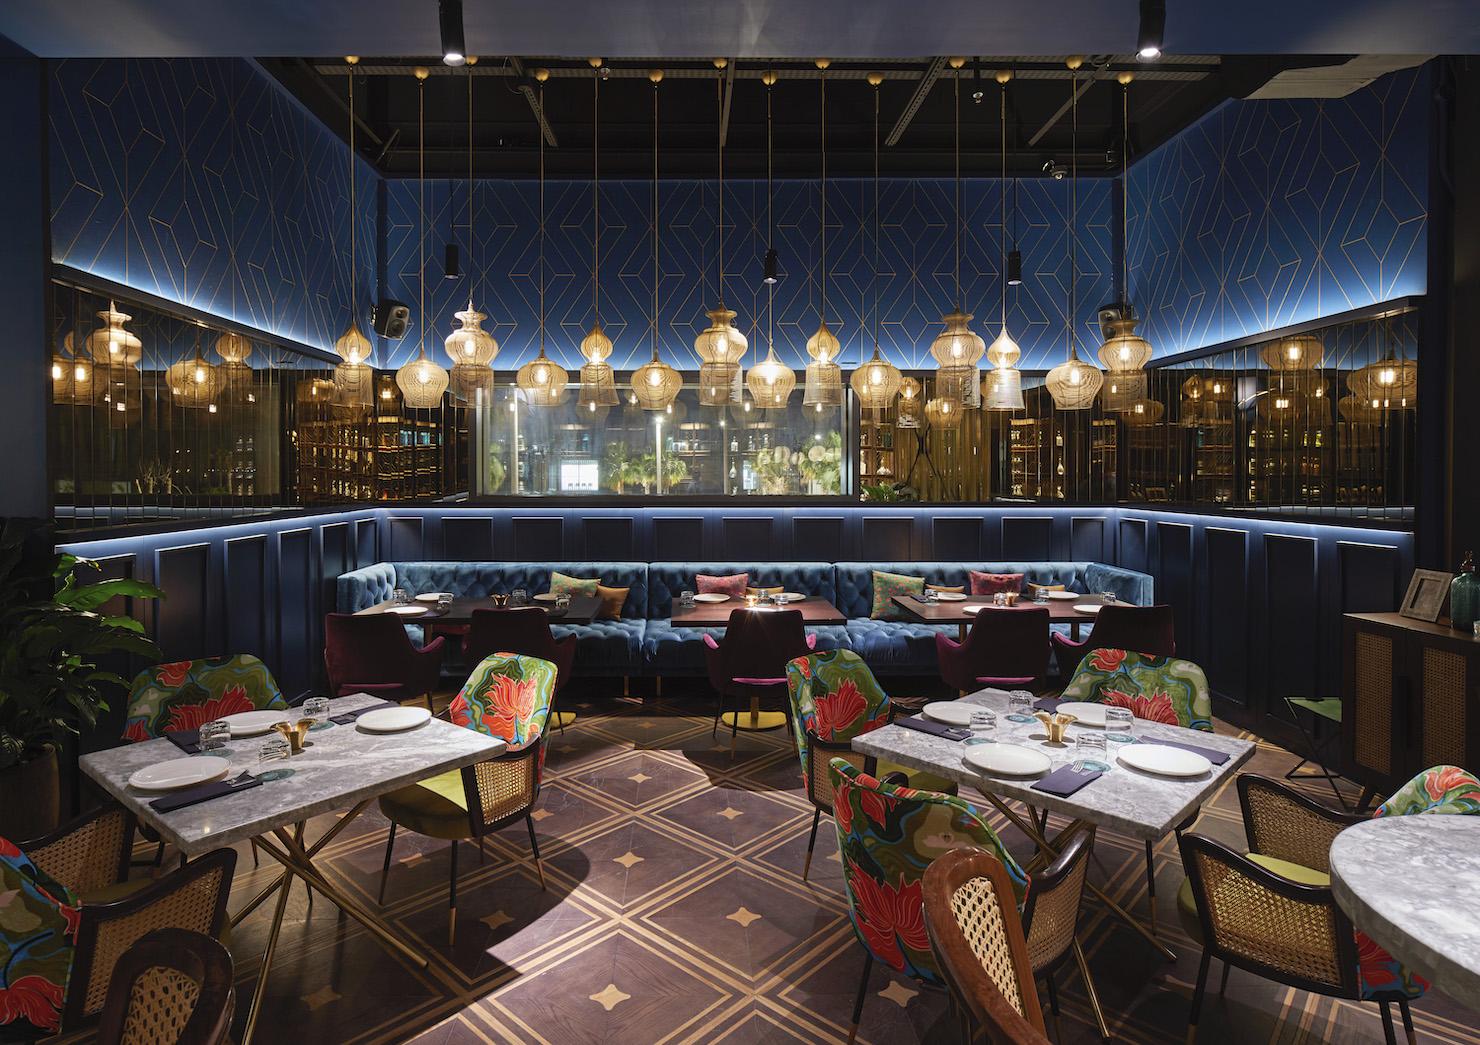 Masti Cocktails Cuisine Eclectic Indian Inspired Restaurant In Dubai Pendulum Magazine